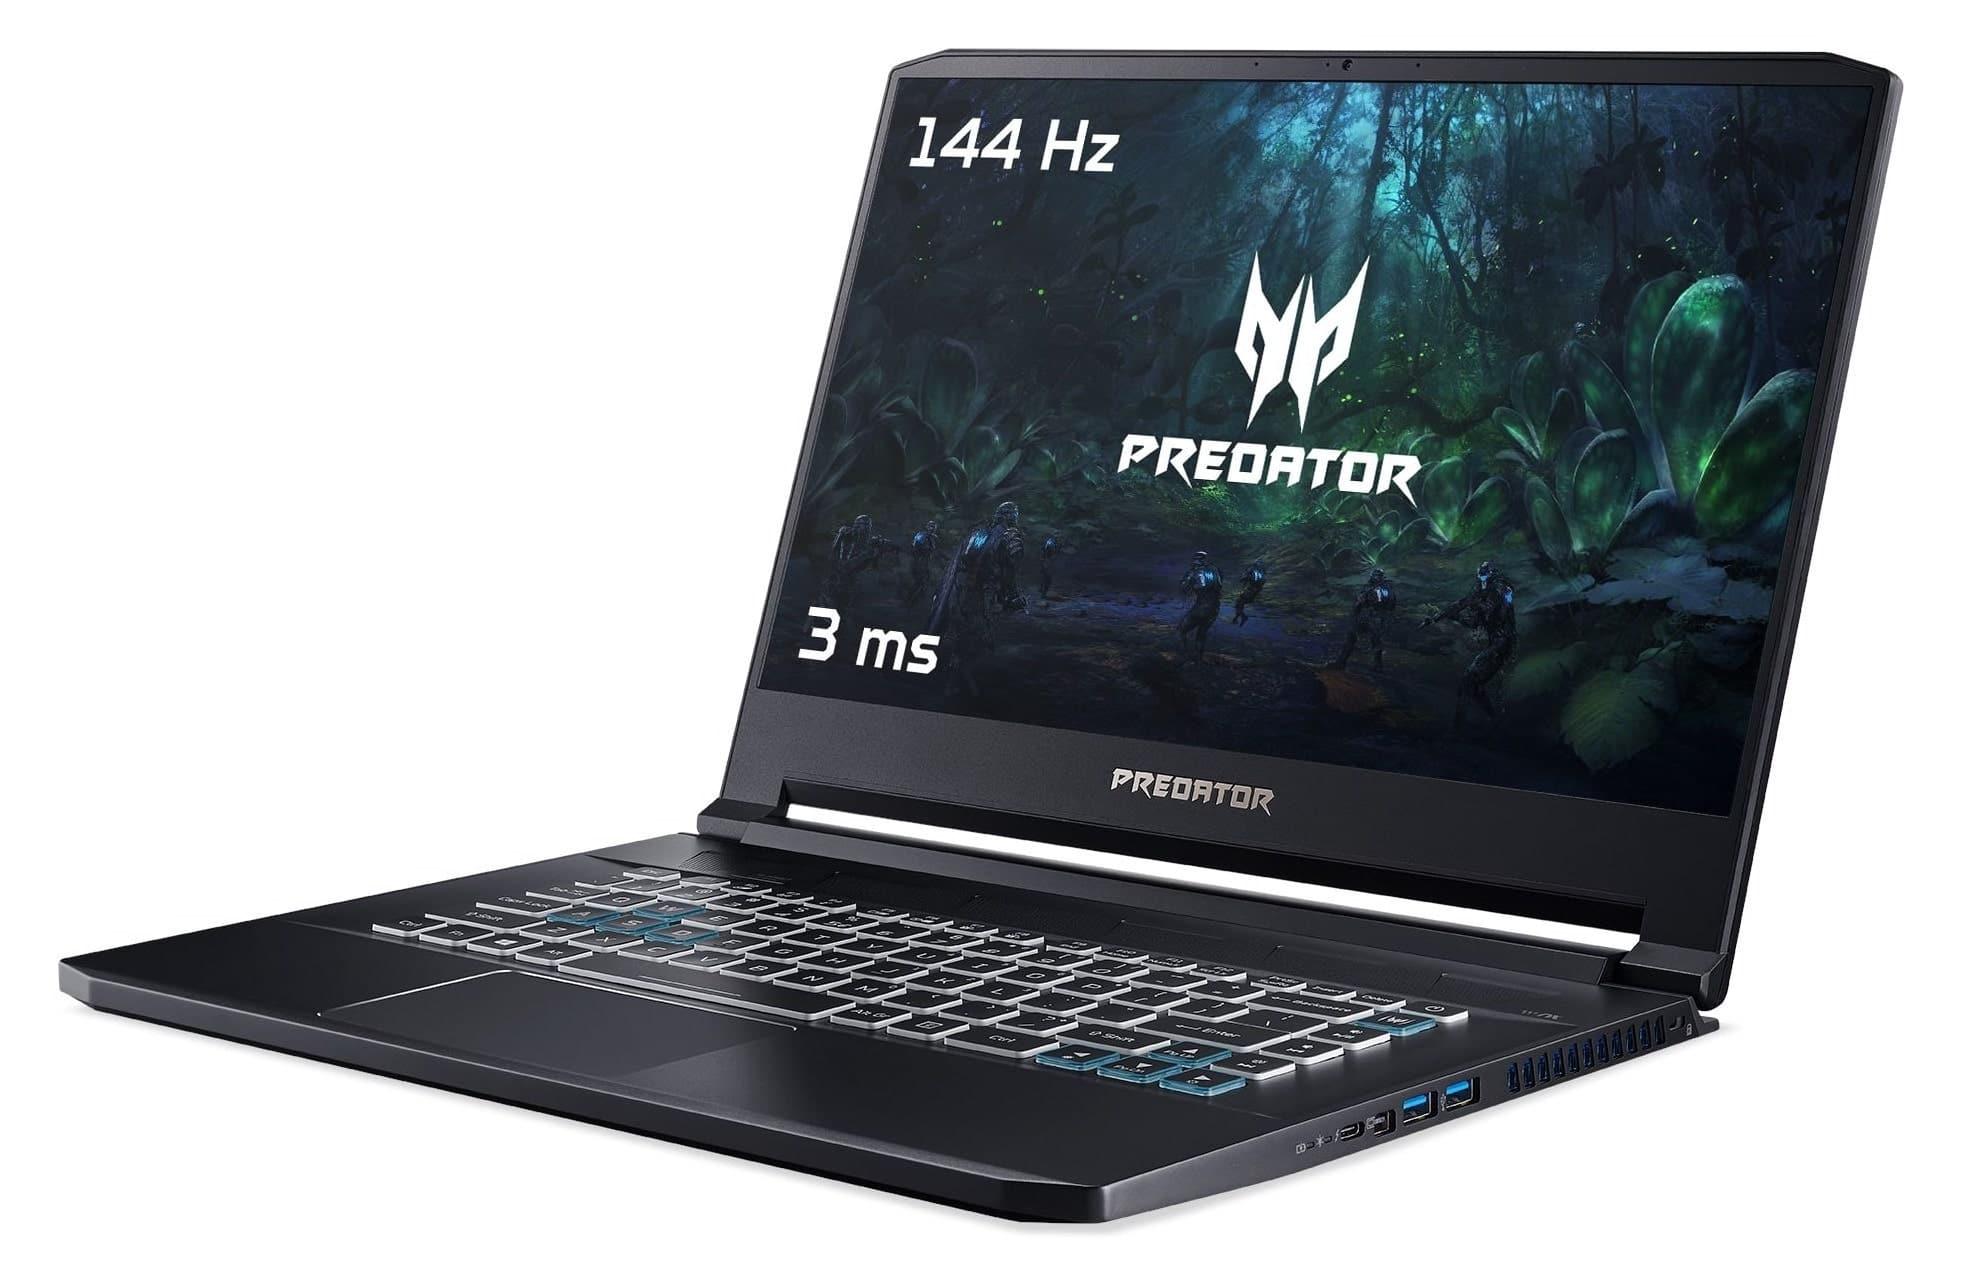 """Acer Predator PT515-51-78GK, ultrabook gamer léger 15"""" (1719€)"""